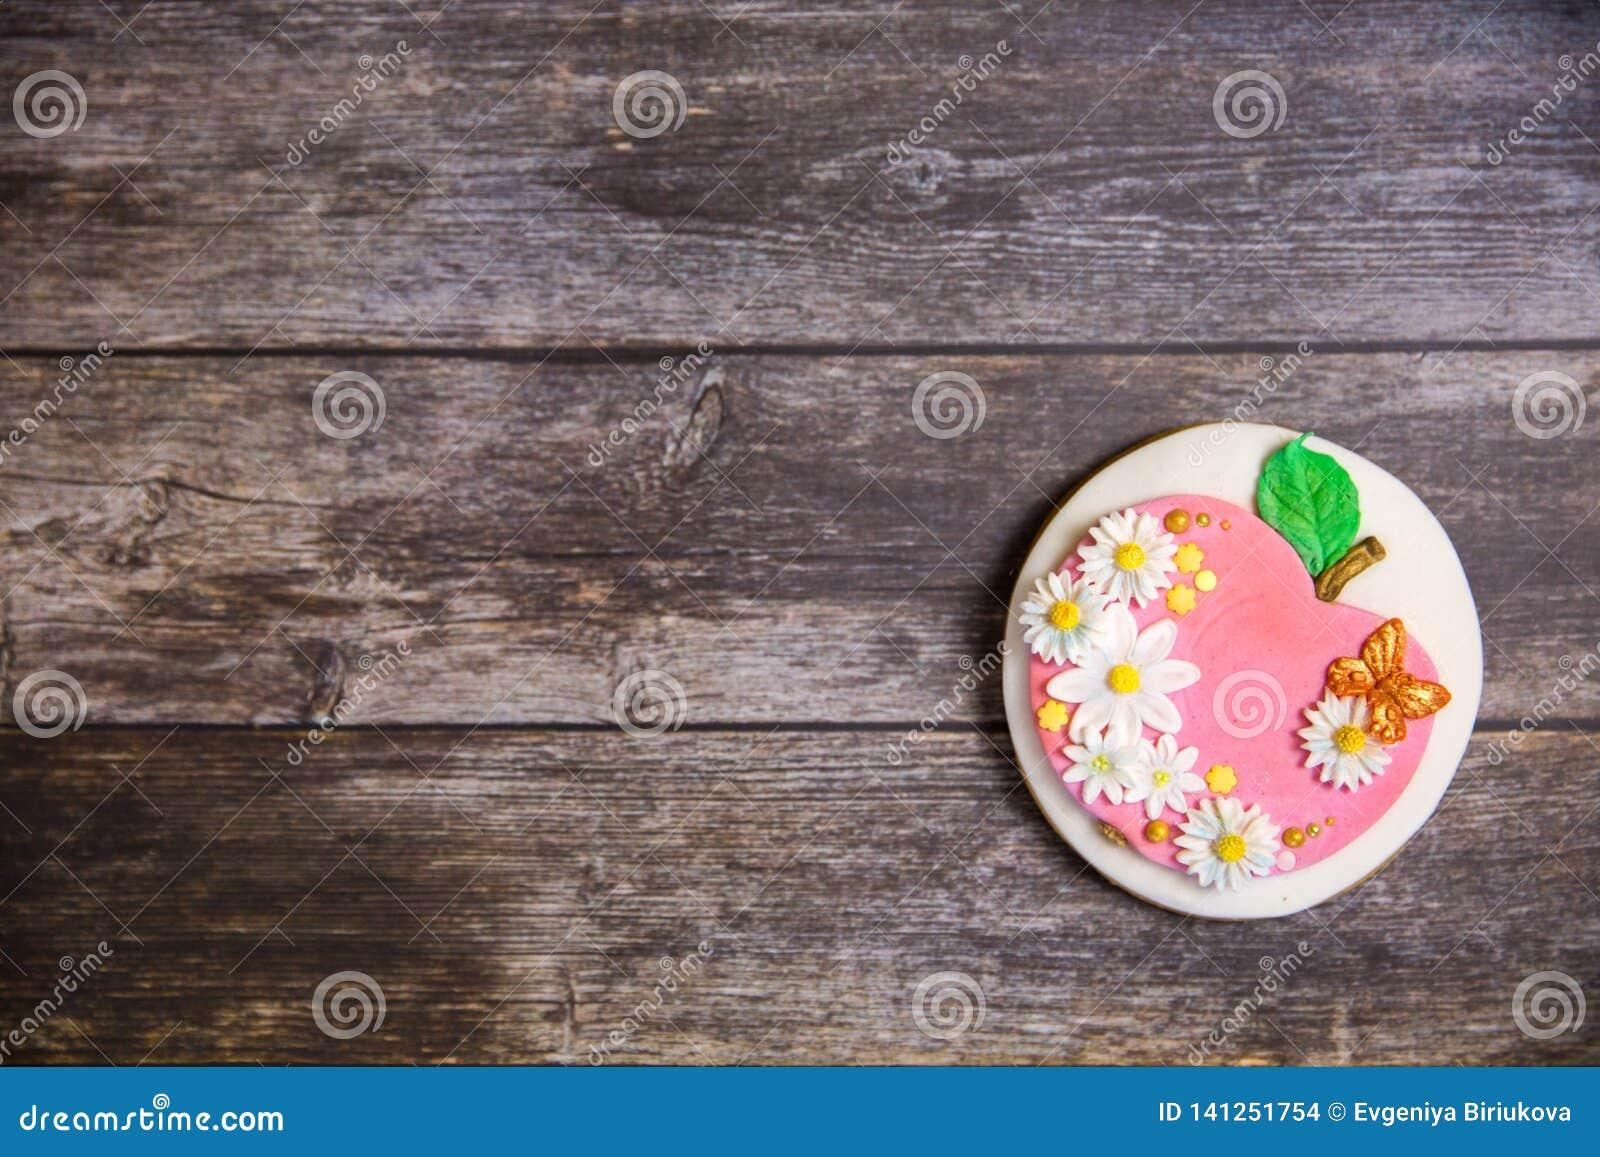 Ronde met de hand geschilderde peperkoek op houten achtergrond Vlak leg Apple met bloemen en vlinders De ruimte van het exemplaar